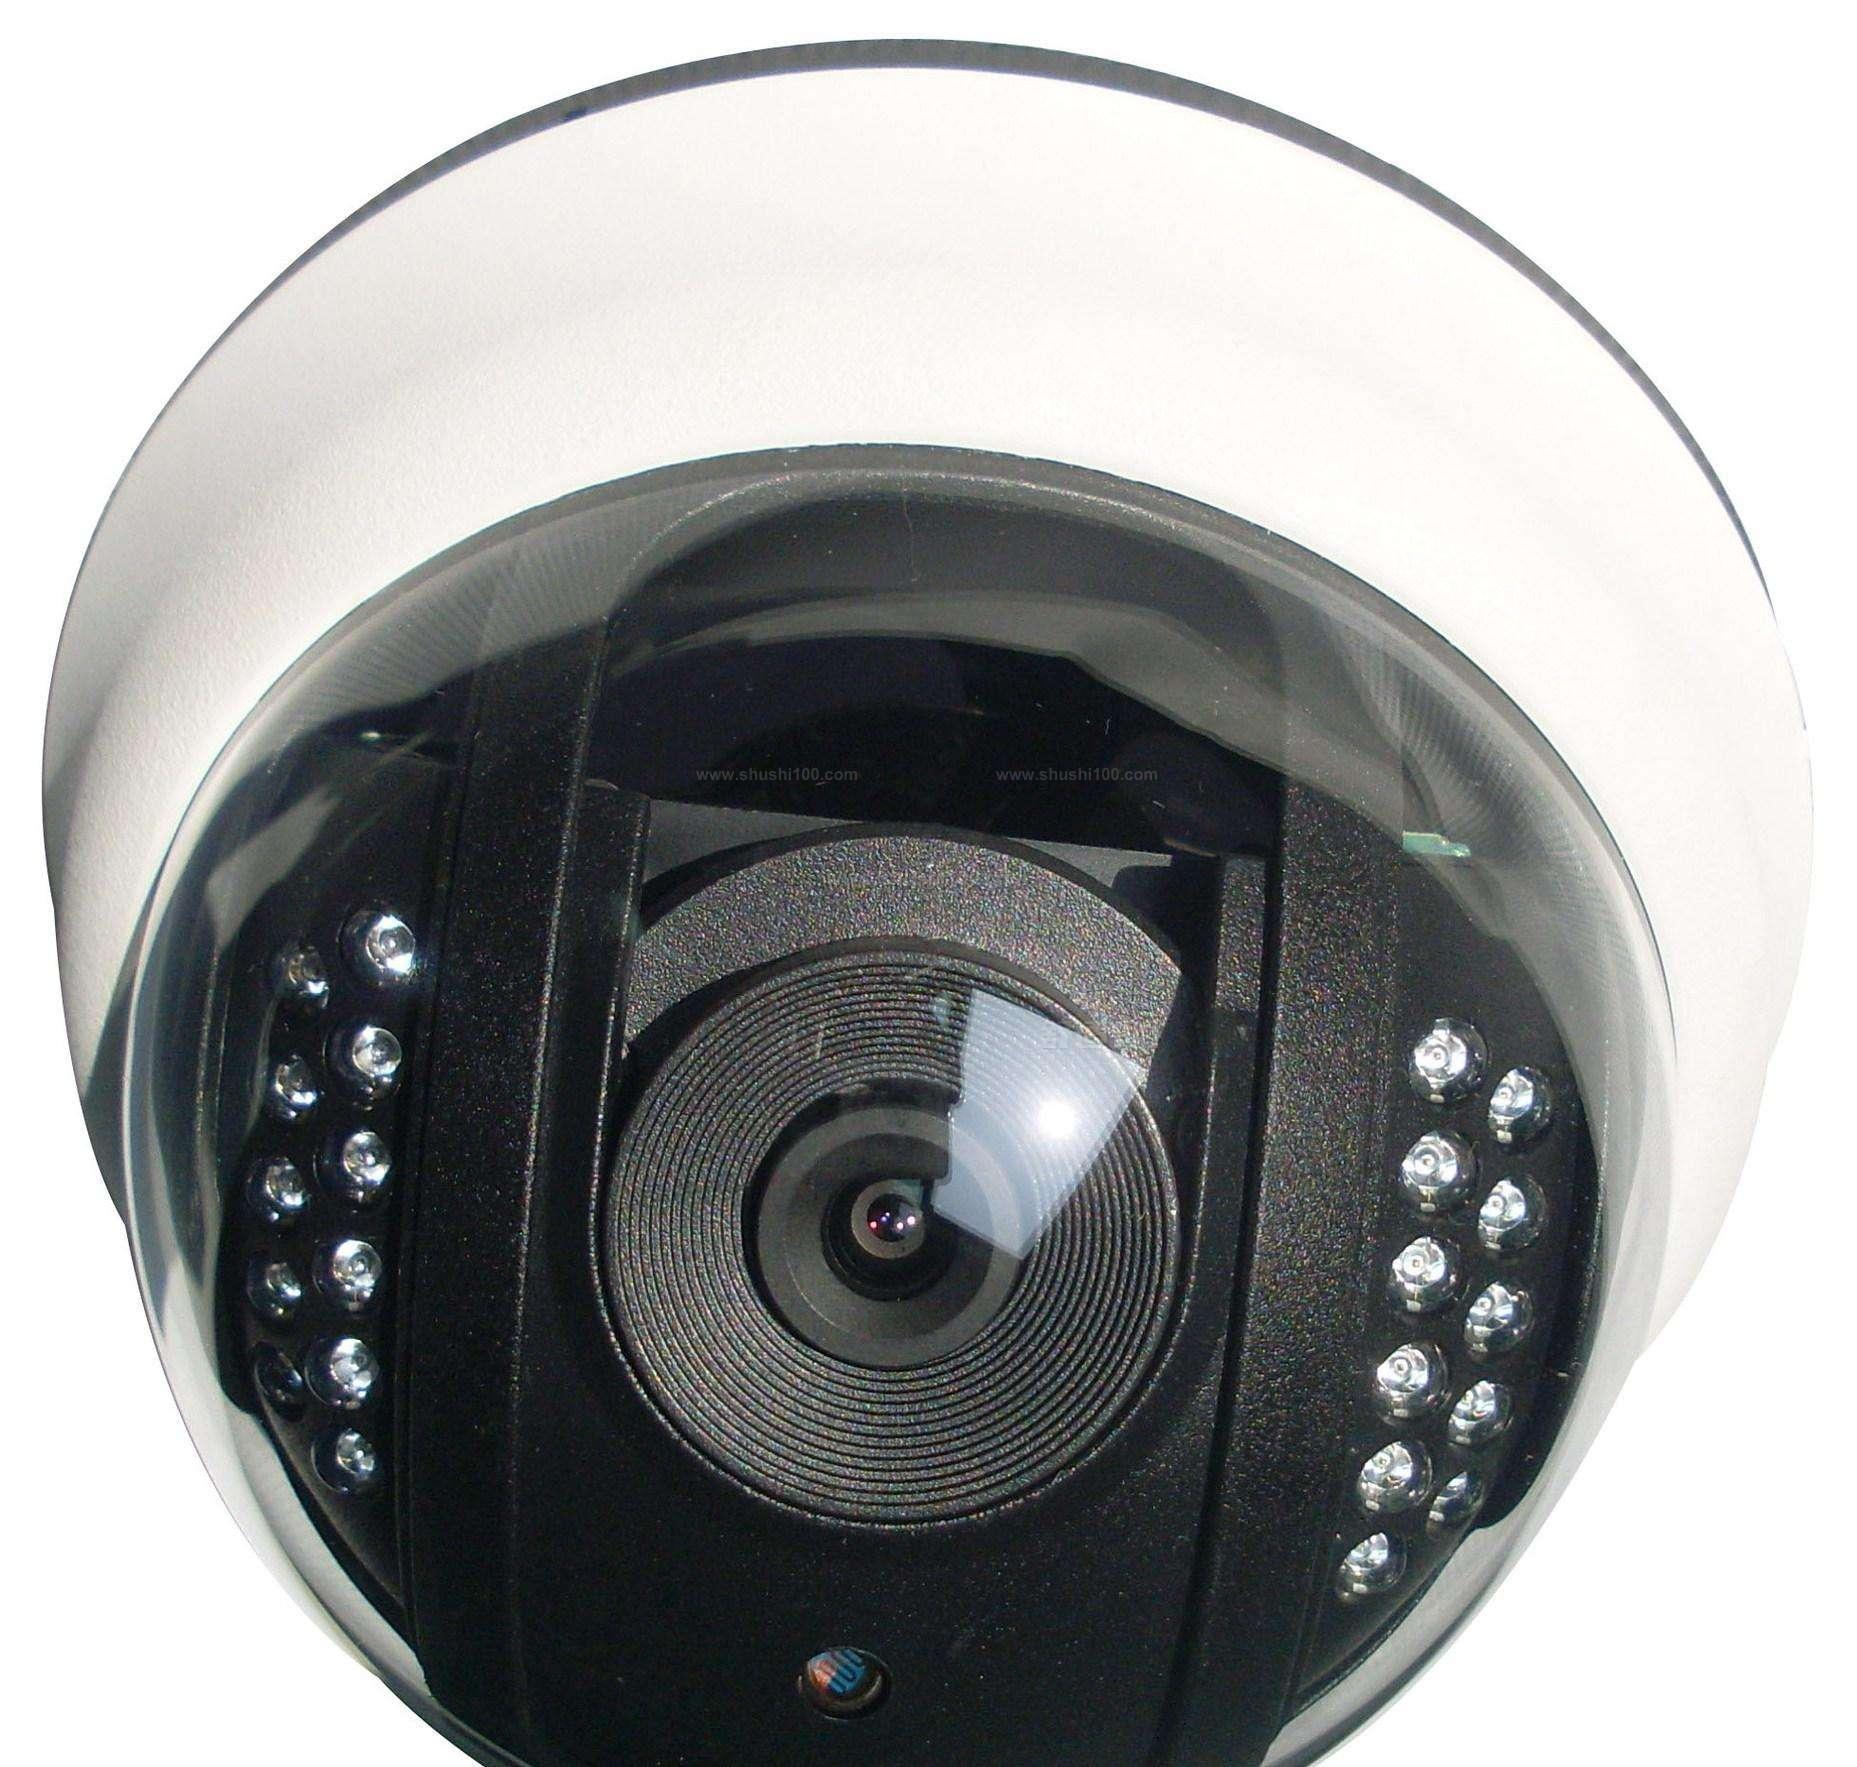 半球摄像头报价—半球摄像头价格介绍